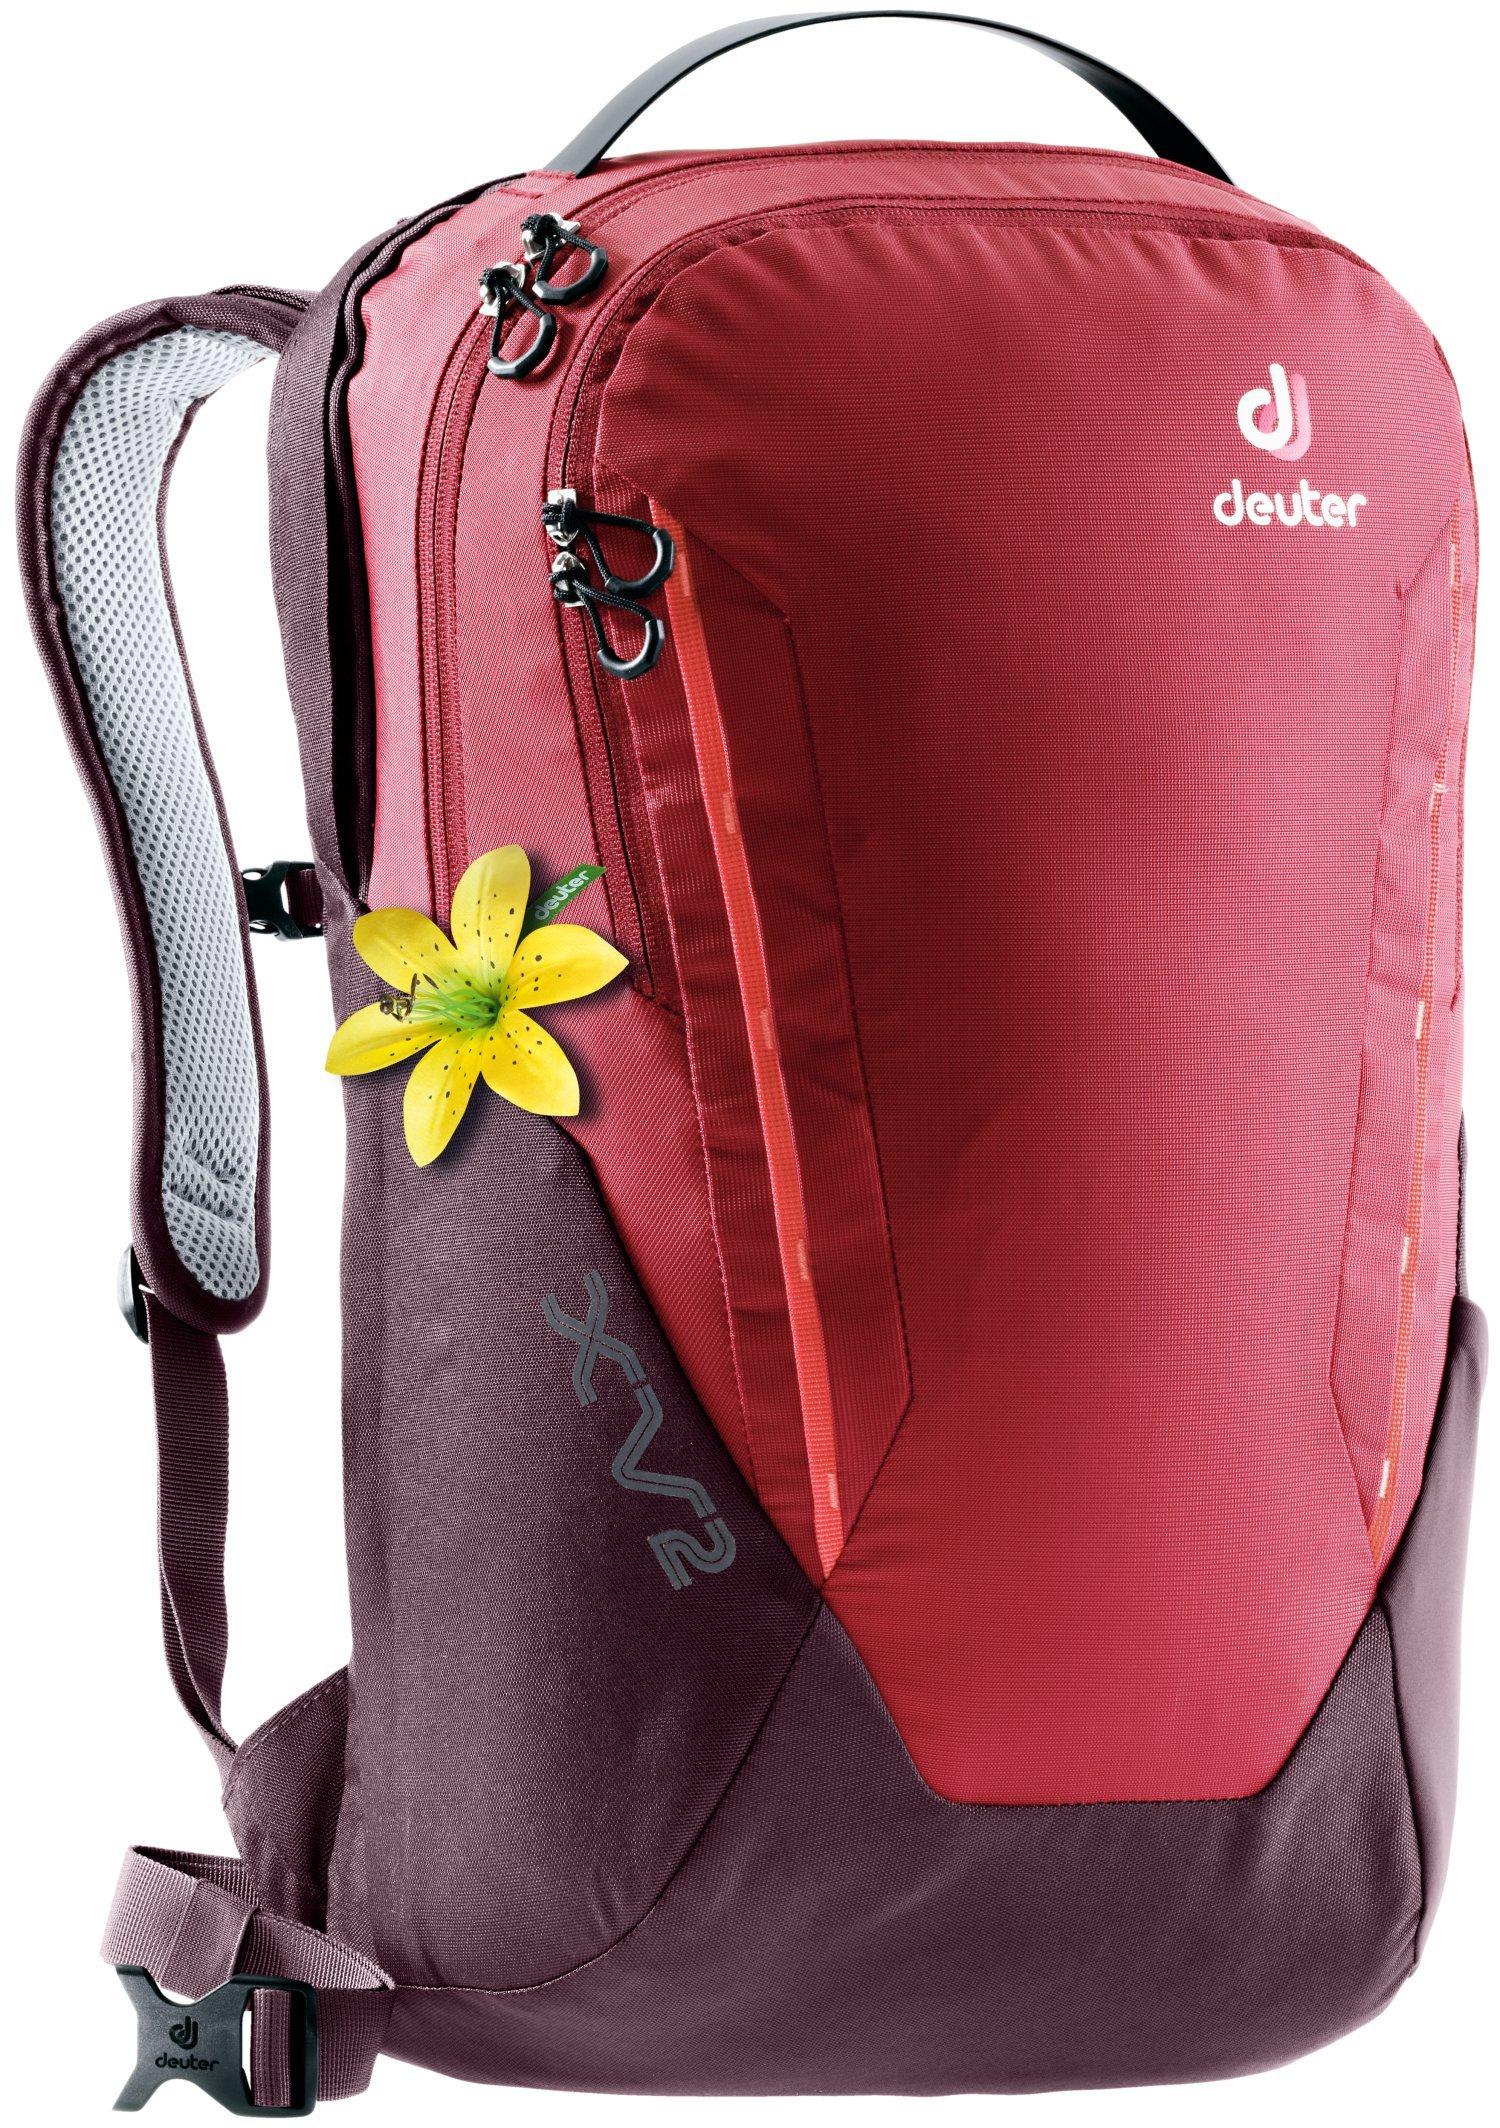 Deuter Hiking Backpacks: XV 1 Pack (men's or women's) $54.75, Gigant 32 Pack (men's) $54.75 & More + Free Shipping